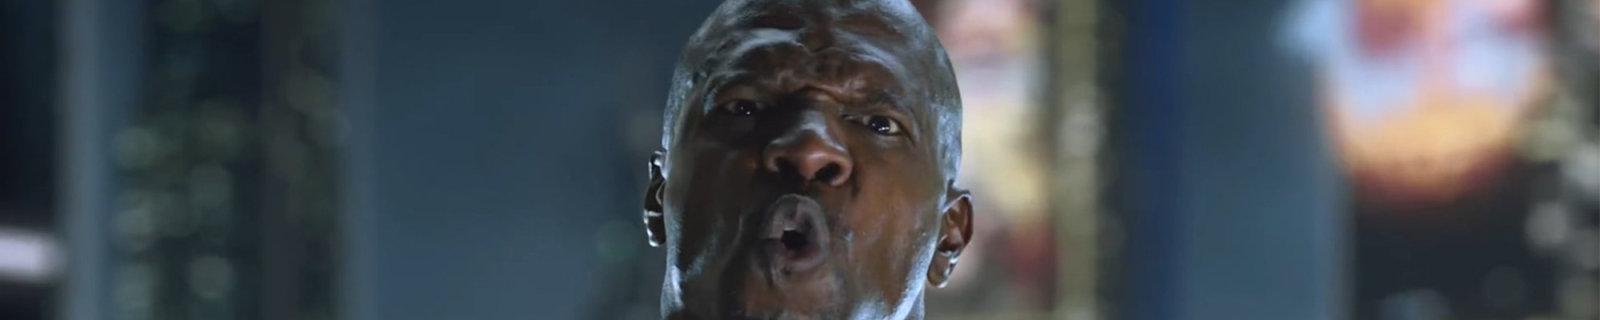 《除暴战警3》将延期至2018年春季发售